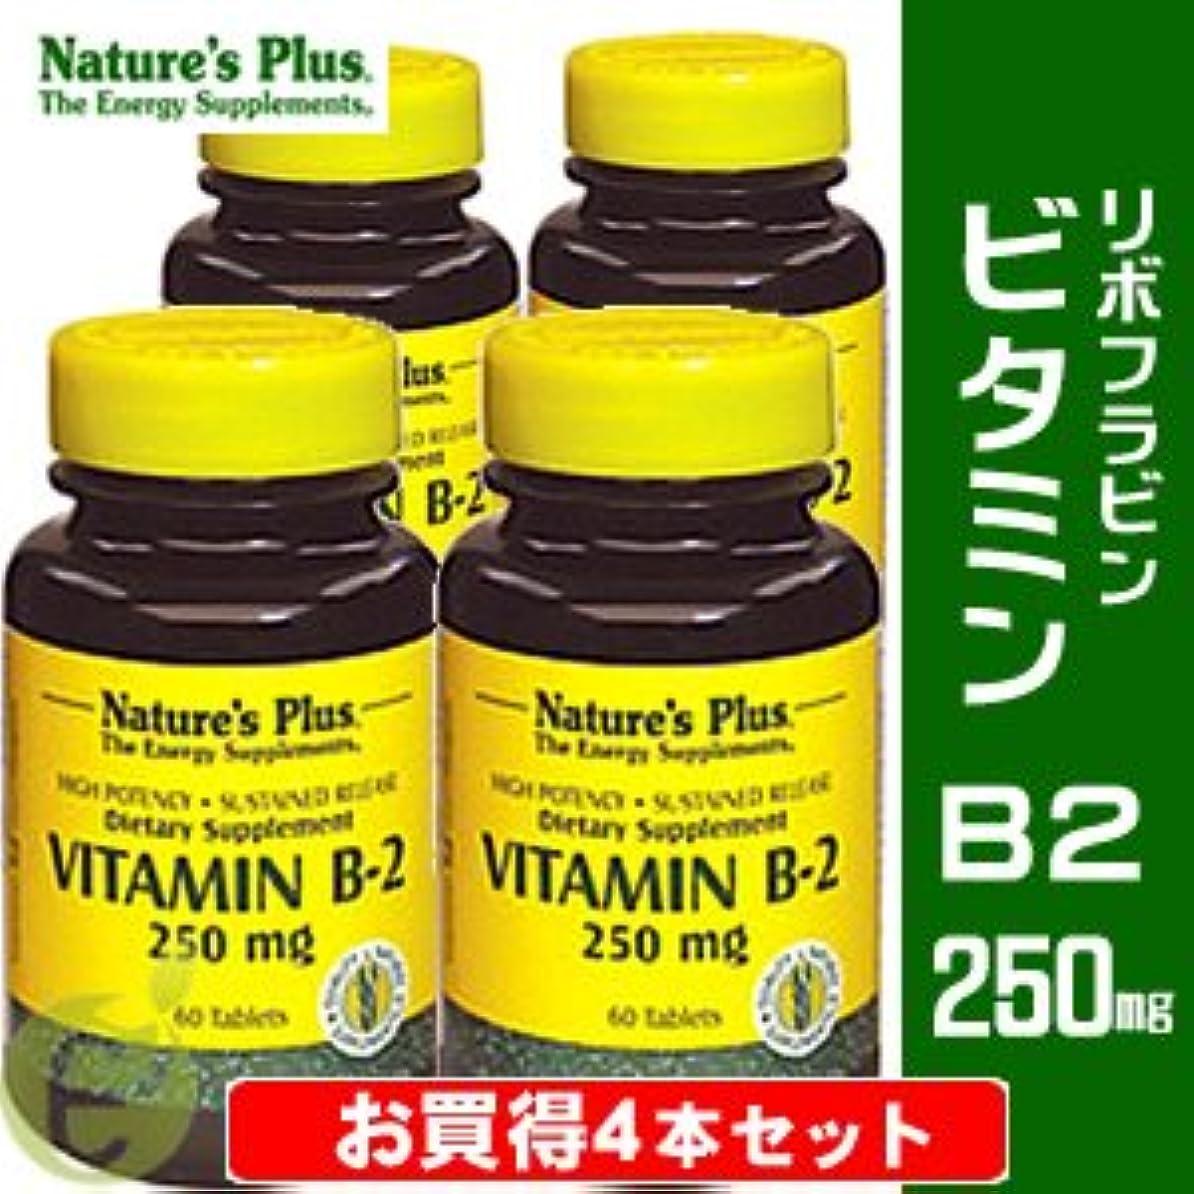 降臨曲がった欠員ビタミンB2 250mg (リボフラビン) 【お買得4本セット】